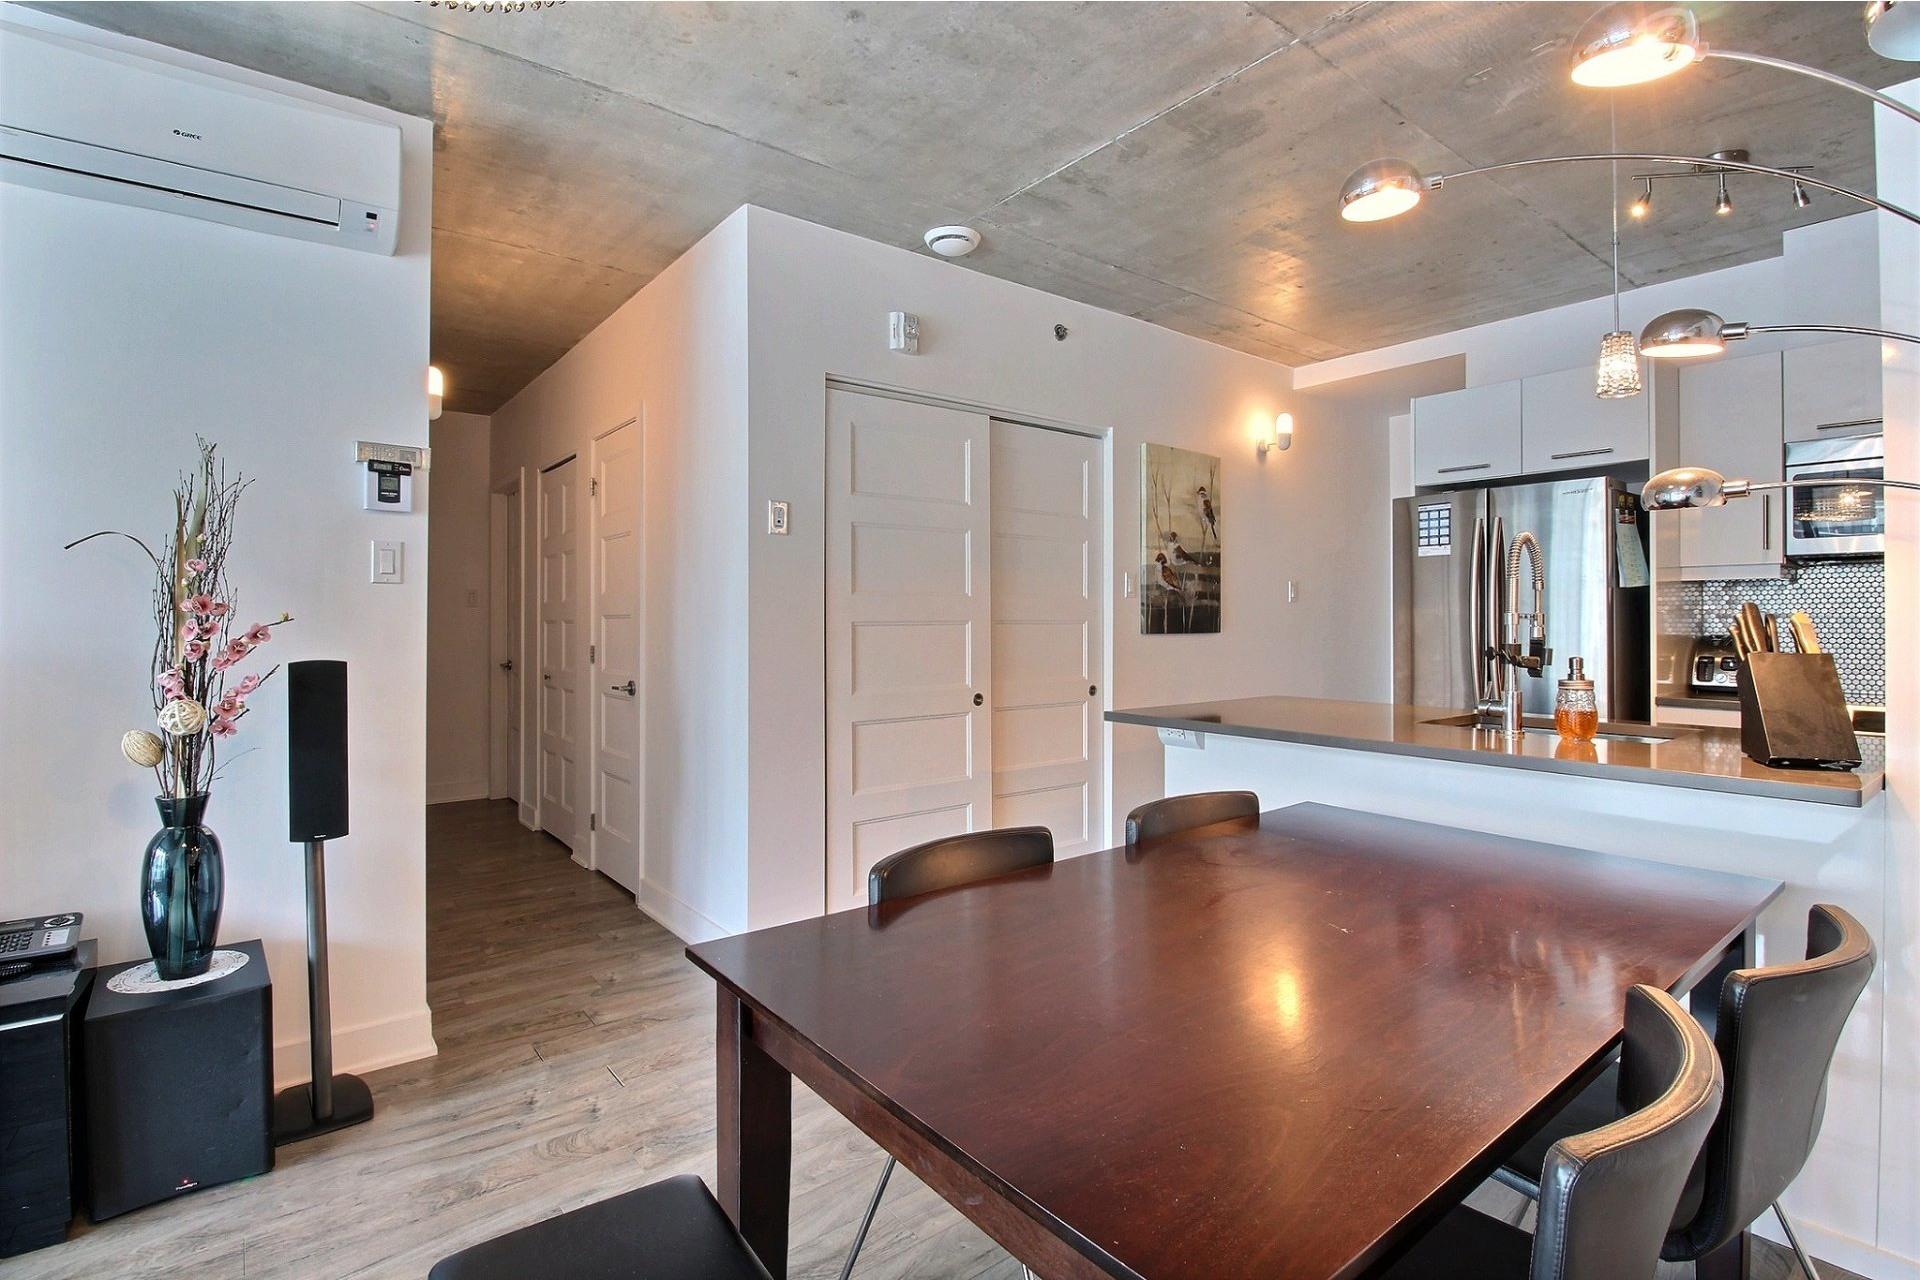 image 9 - Appartement À louer Montréal Le Sud-Ouest  - 6 pièces